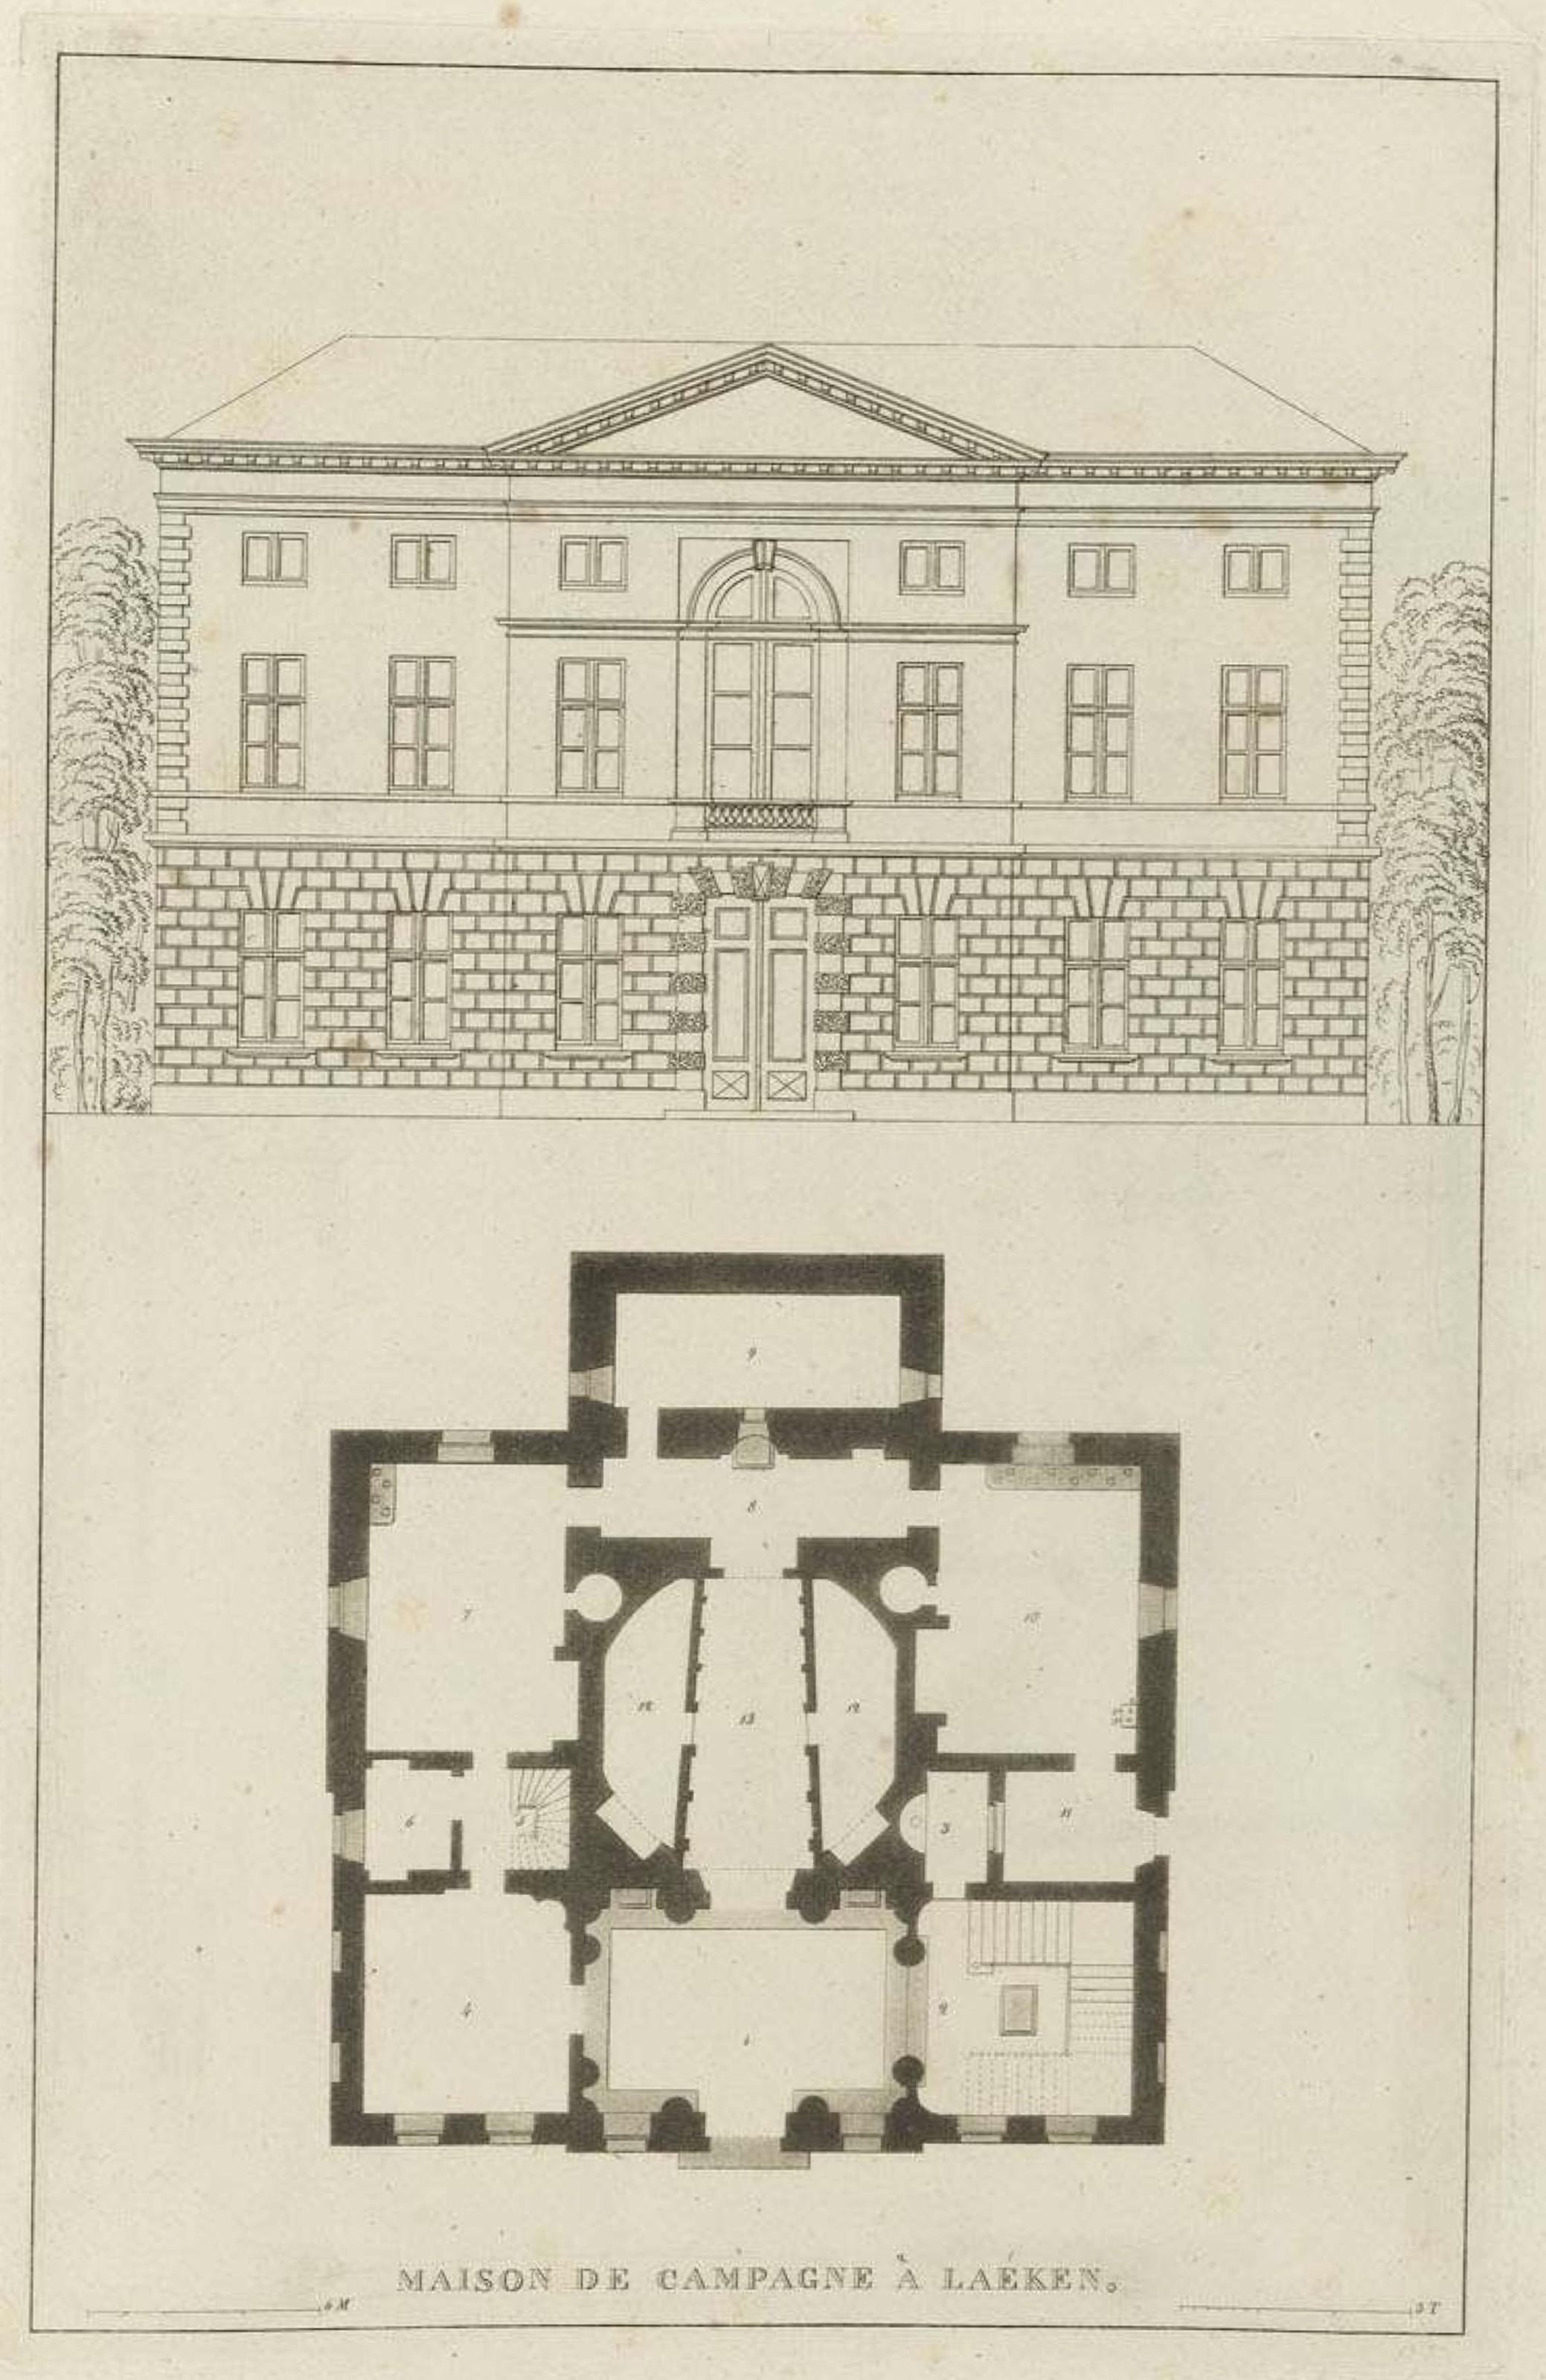 File goetghebuer 1827 choix des monuments 016 plan et fa ade jardin mai - Pimkie plan de campagne ...